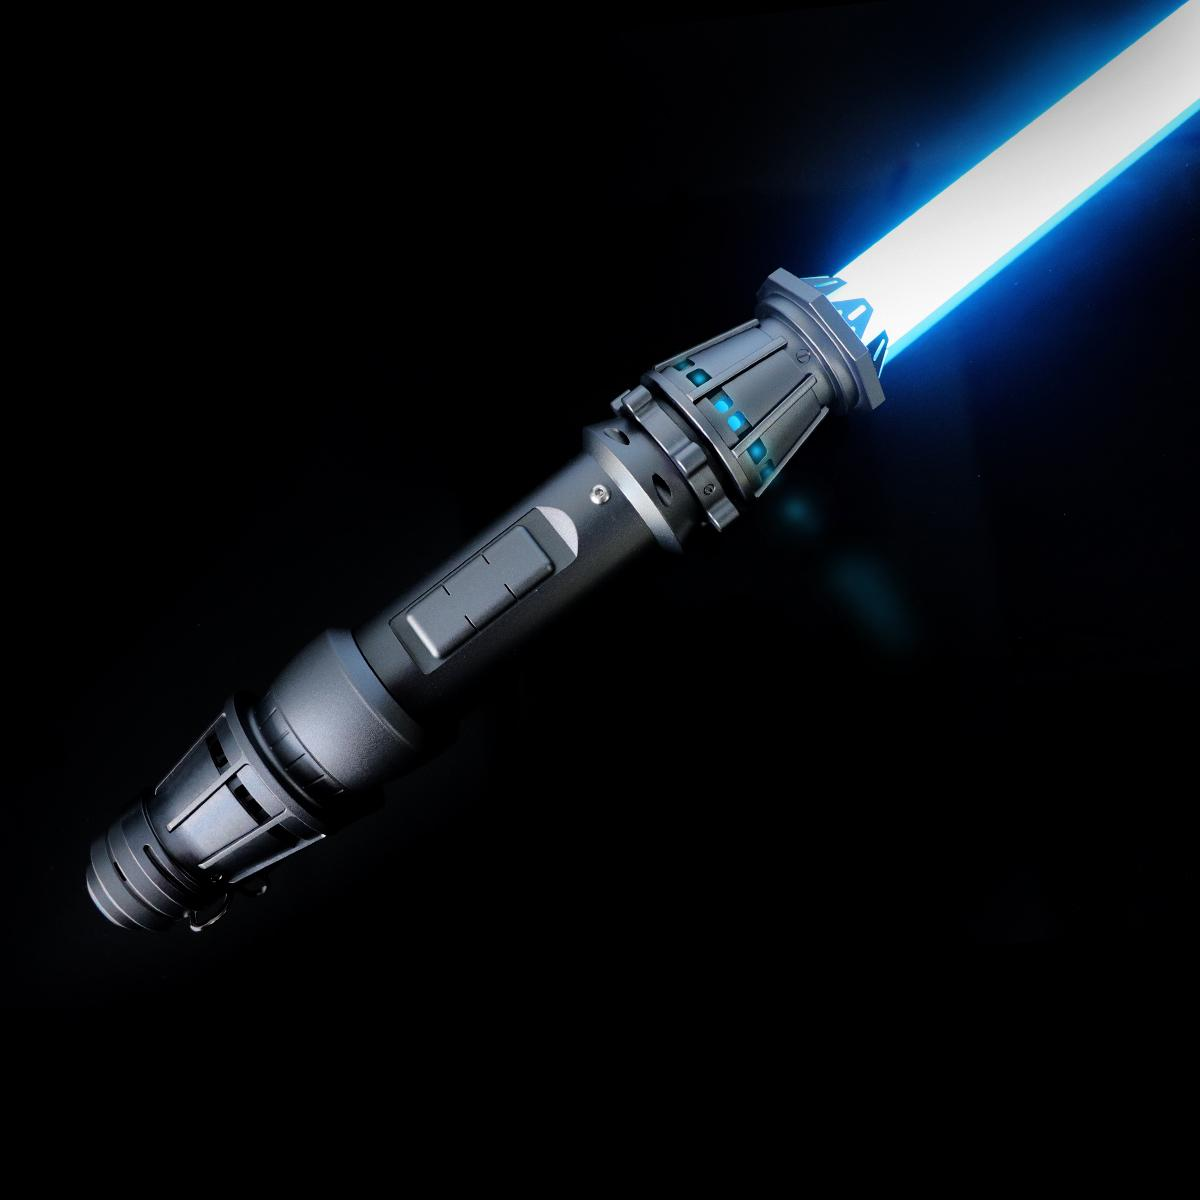 LGT Lightsaber -Rey Sabre Proffie Force Ağır Dueling Light Sabre Sonsuz Renk Değiştirme 9 Ses Yazı Tipleri Hassas Pürüzsüz Salıncak Q0113